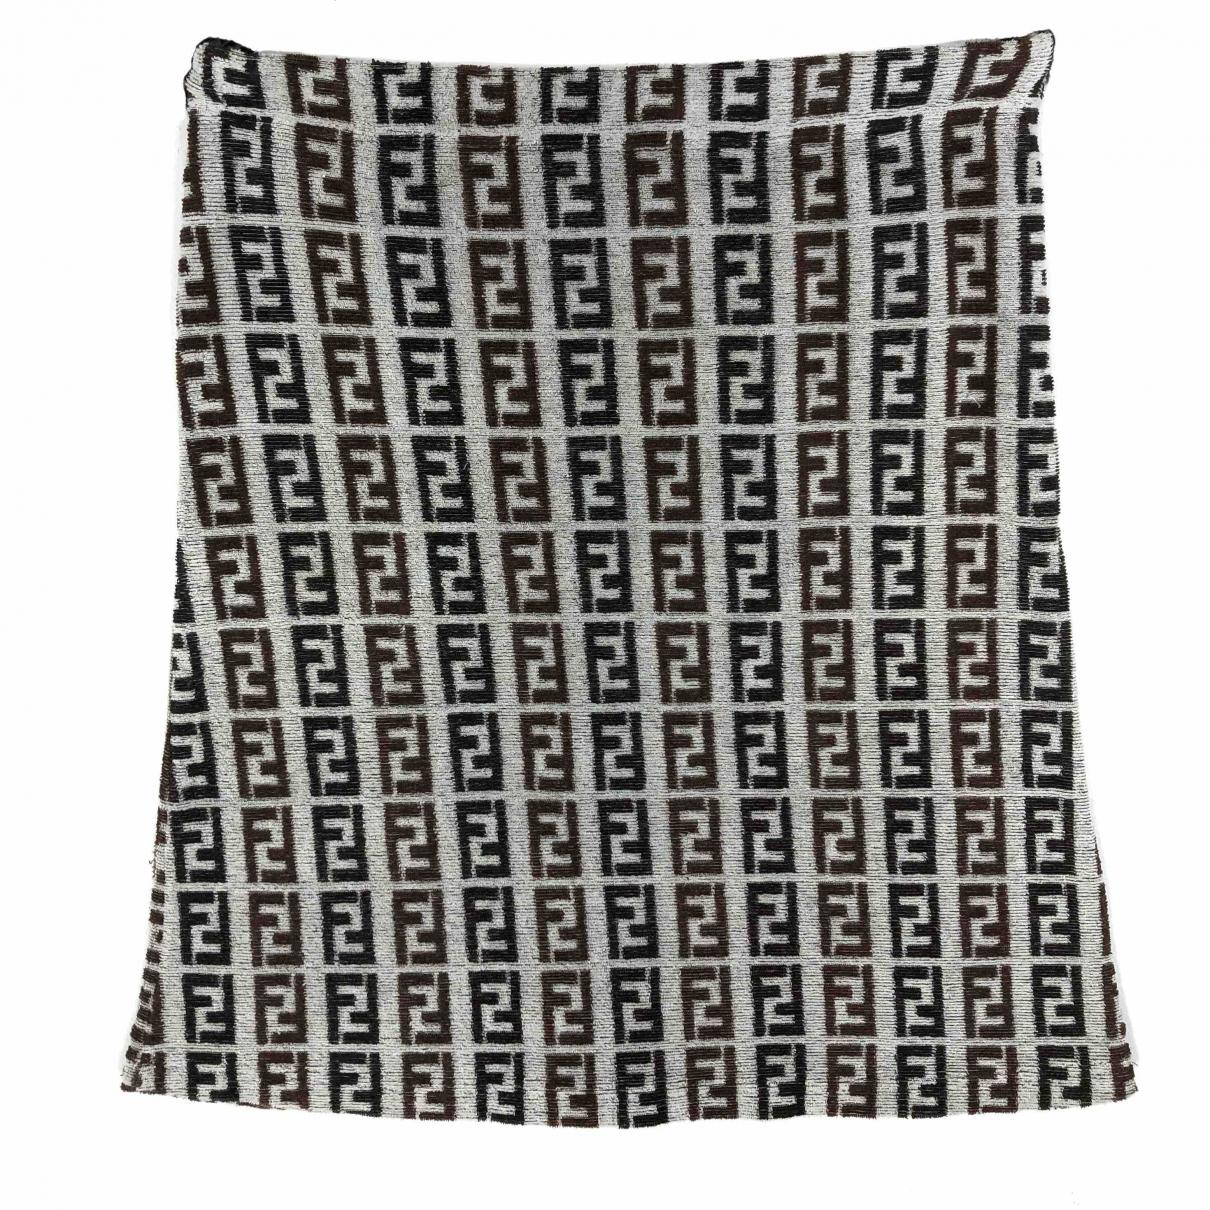 Fendi \N Cotton skirt for Women 44 IT